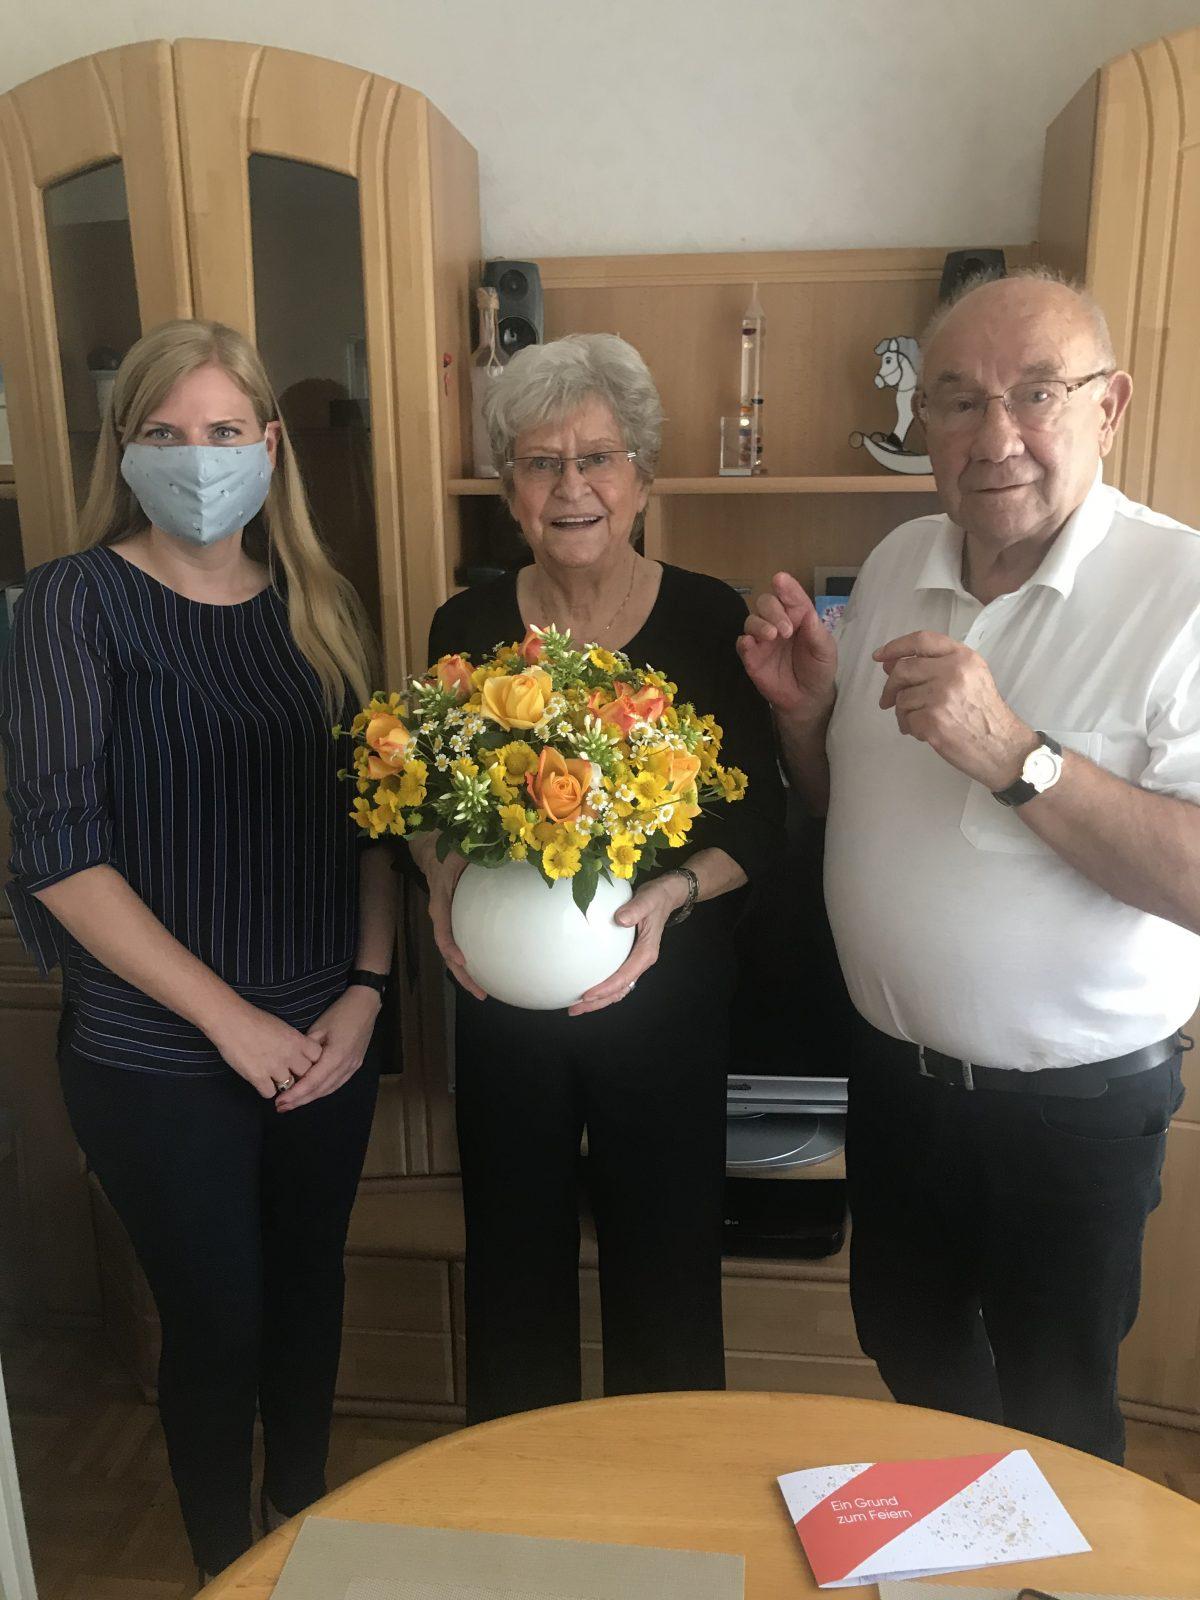 Essen: Covivio gratuliert Mietern zum 60. Hochzeitstag